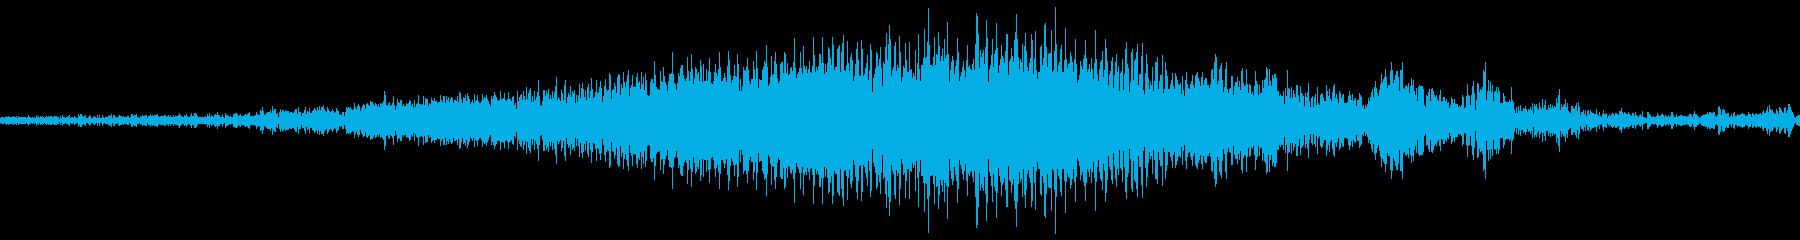 車のポンティアックパスhの再生済みの波形